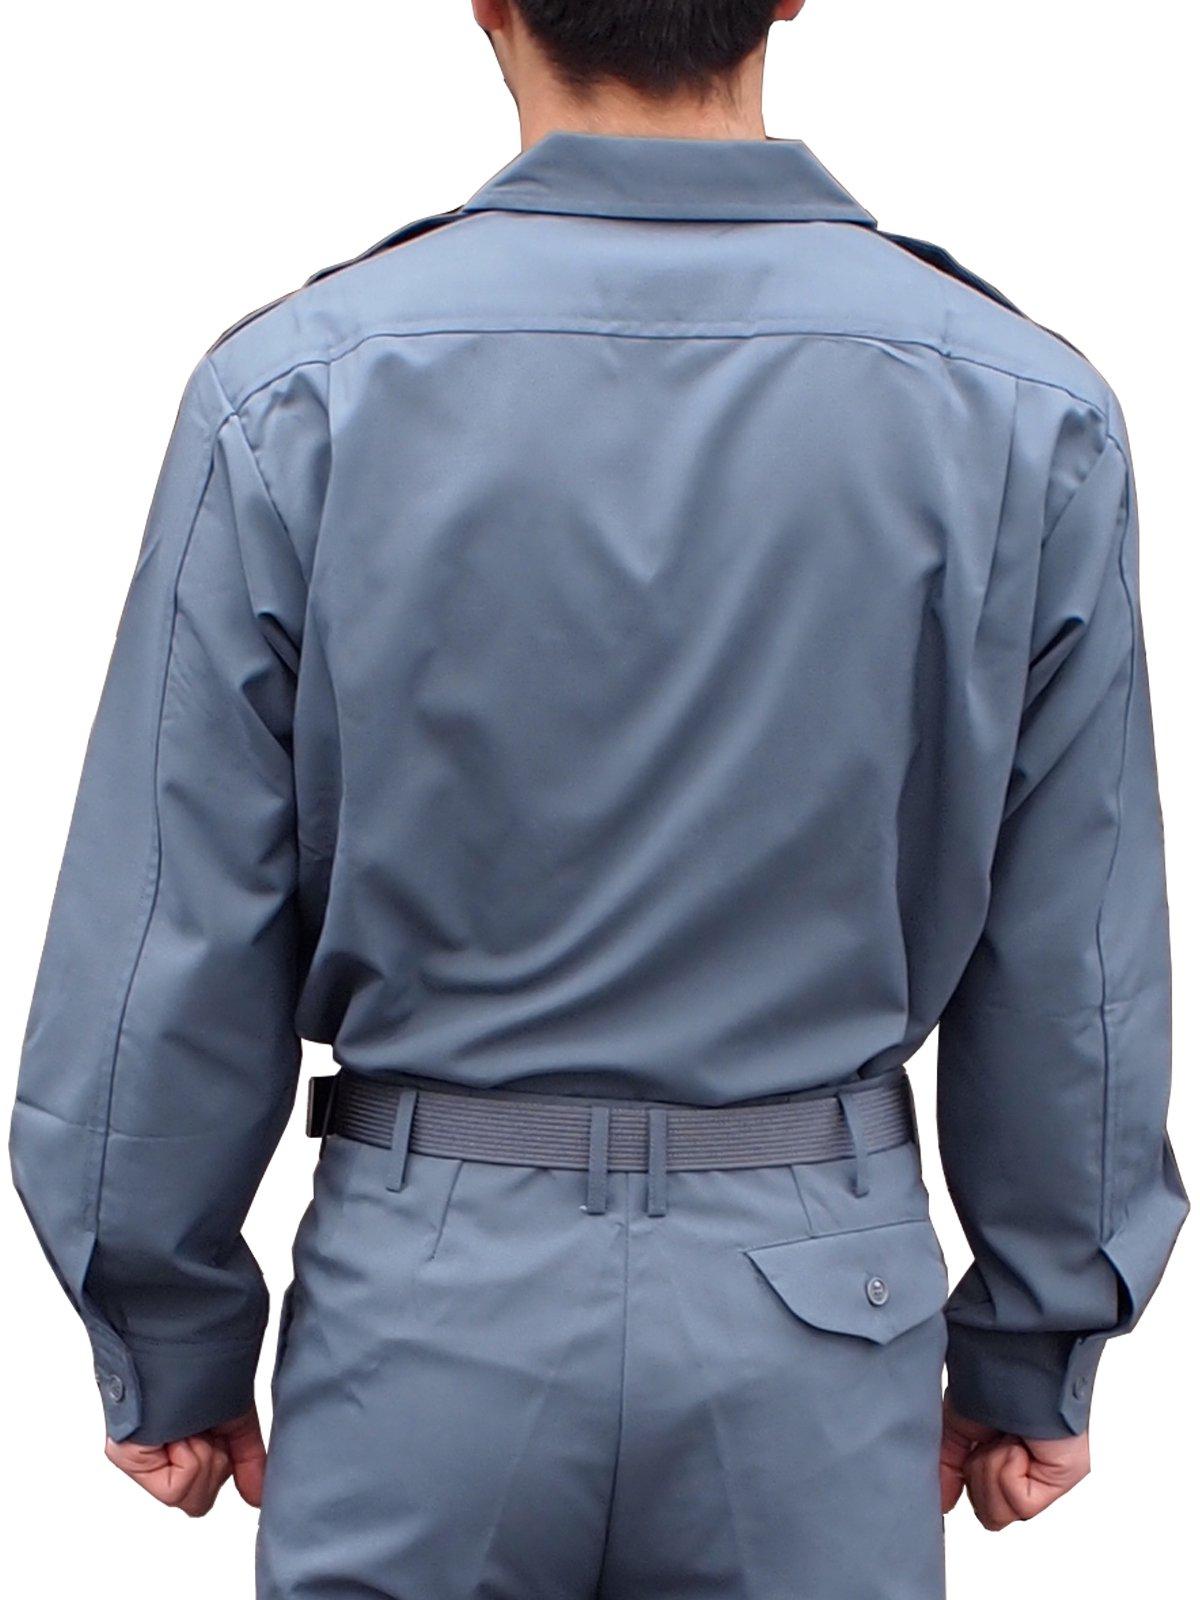 消防盛夏服(グレー)開衿長袖上衣【画像2】